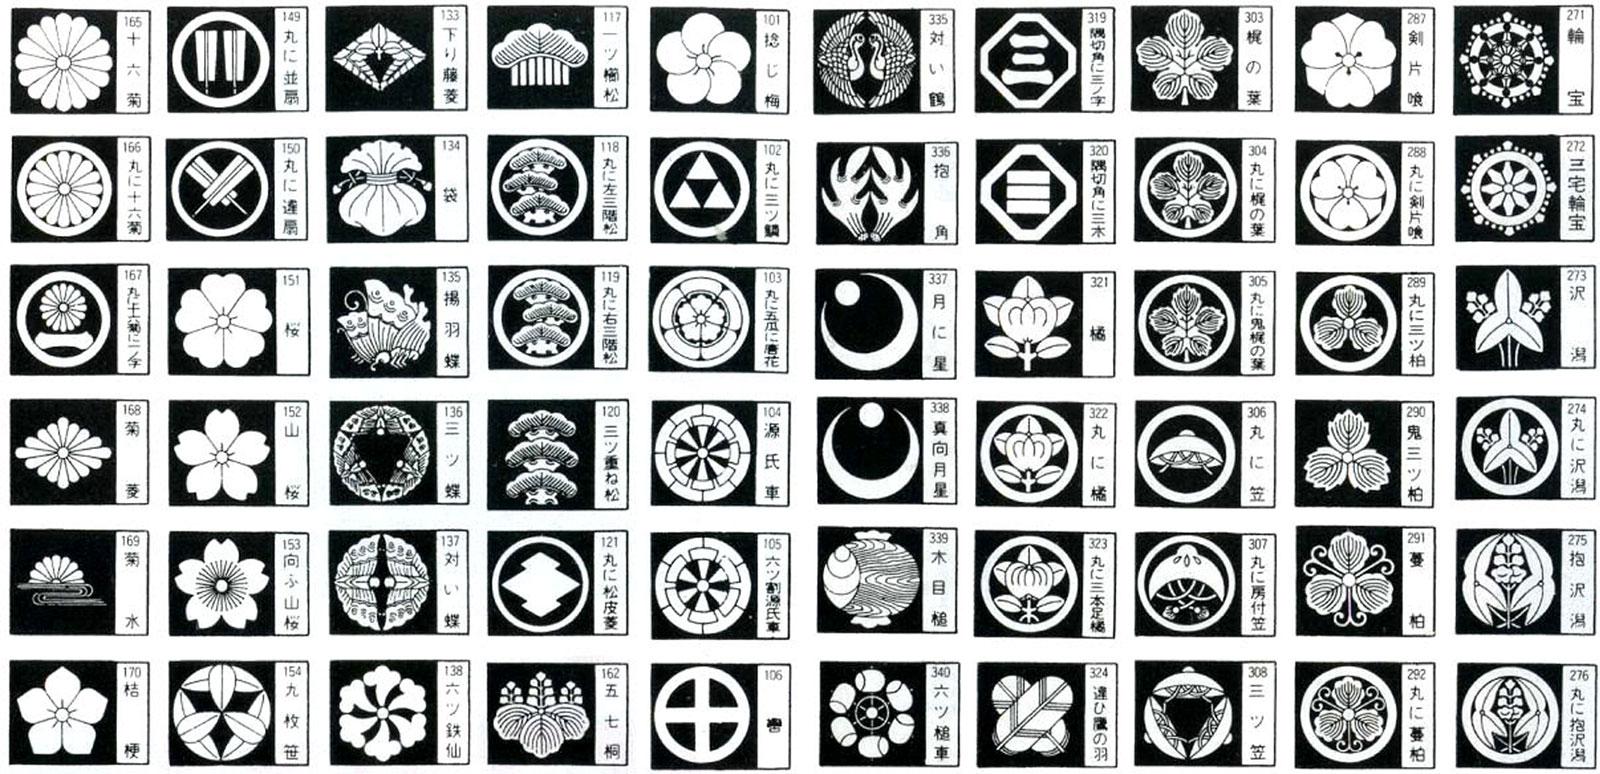 mon-japon-symbole-emblemes-famille-liste-01